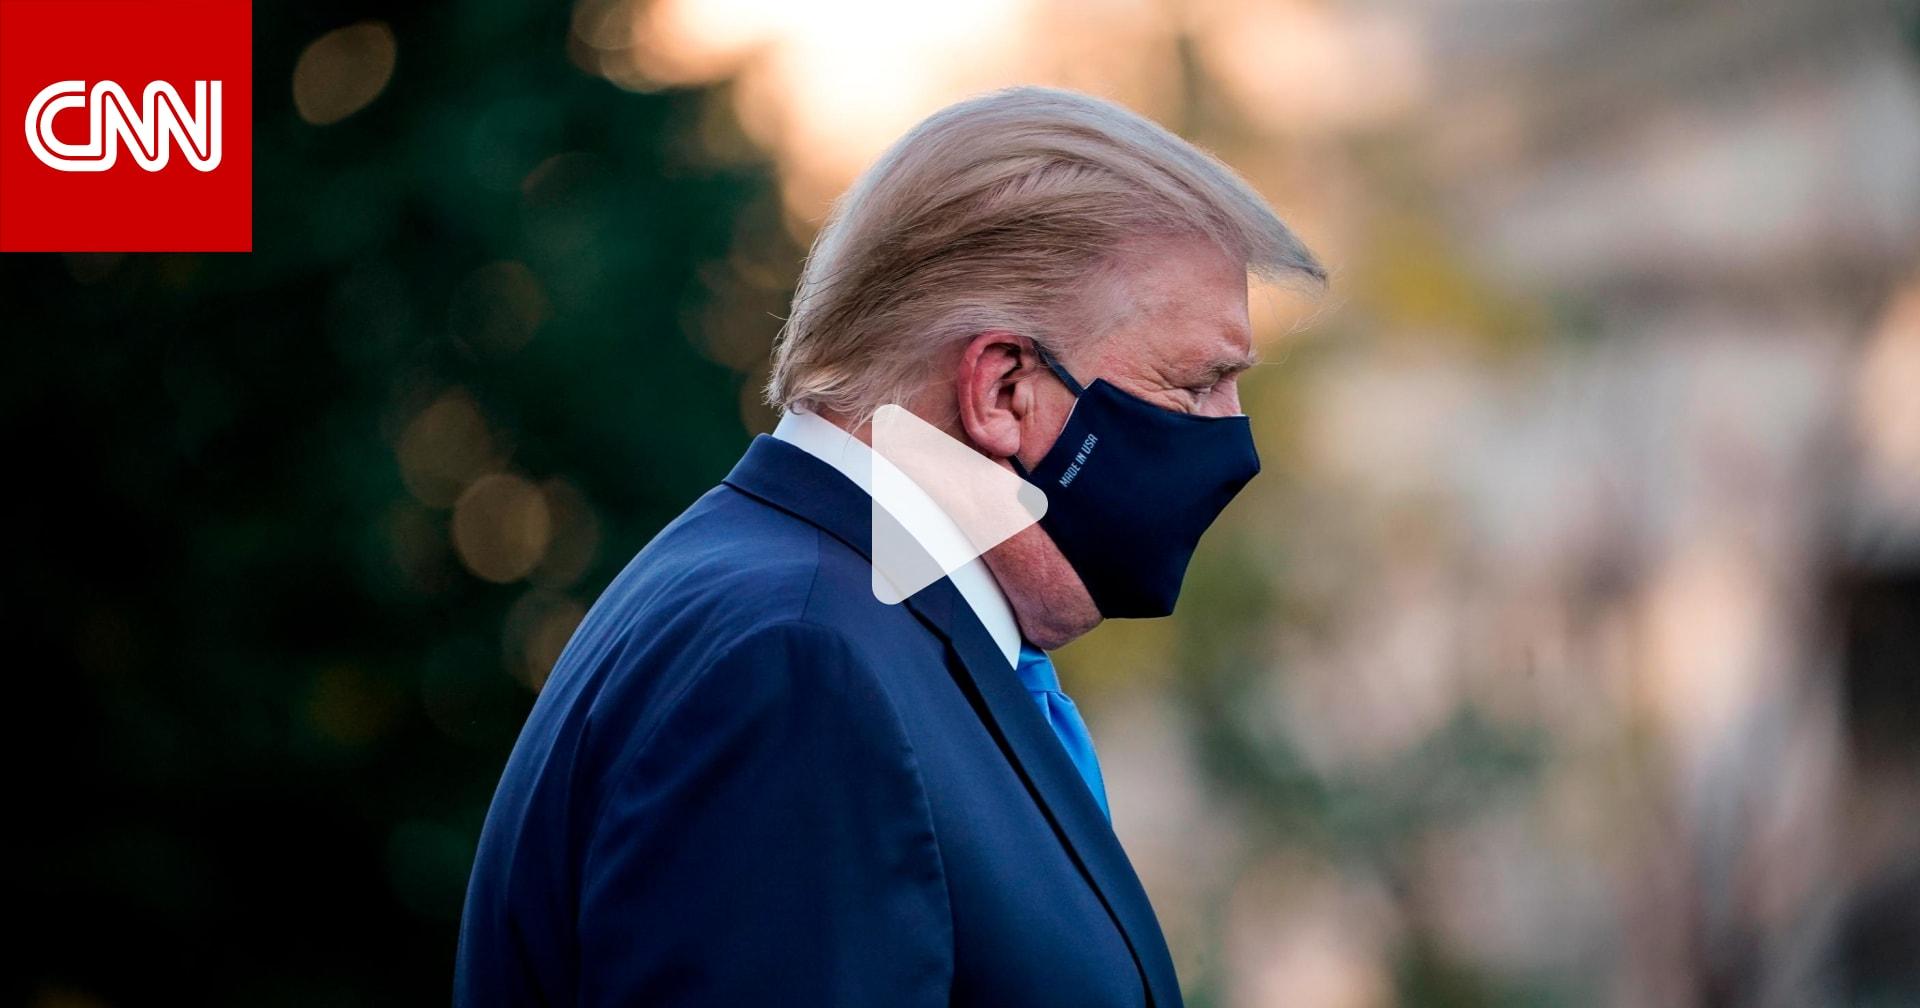 مصادر: حالة ترامب كانت خطيرة بعد إصابته بكورونا ودرس الأطباء وضعه تحت التنفس الاصطناعي